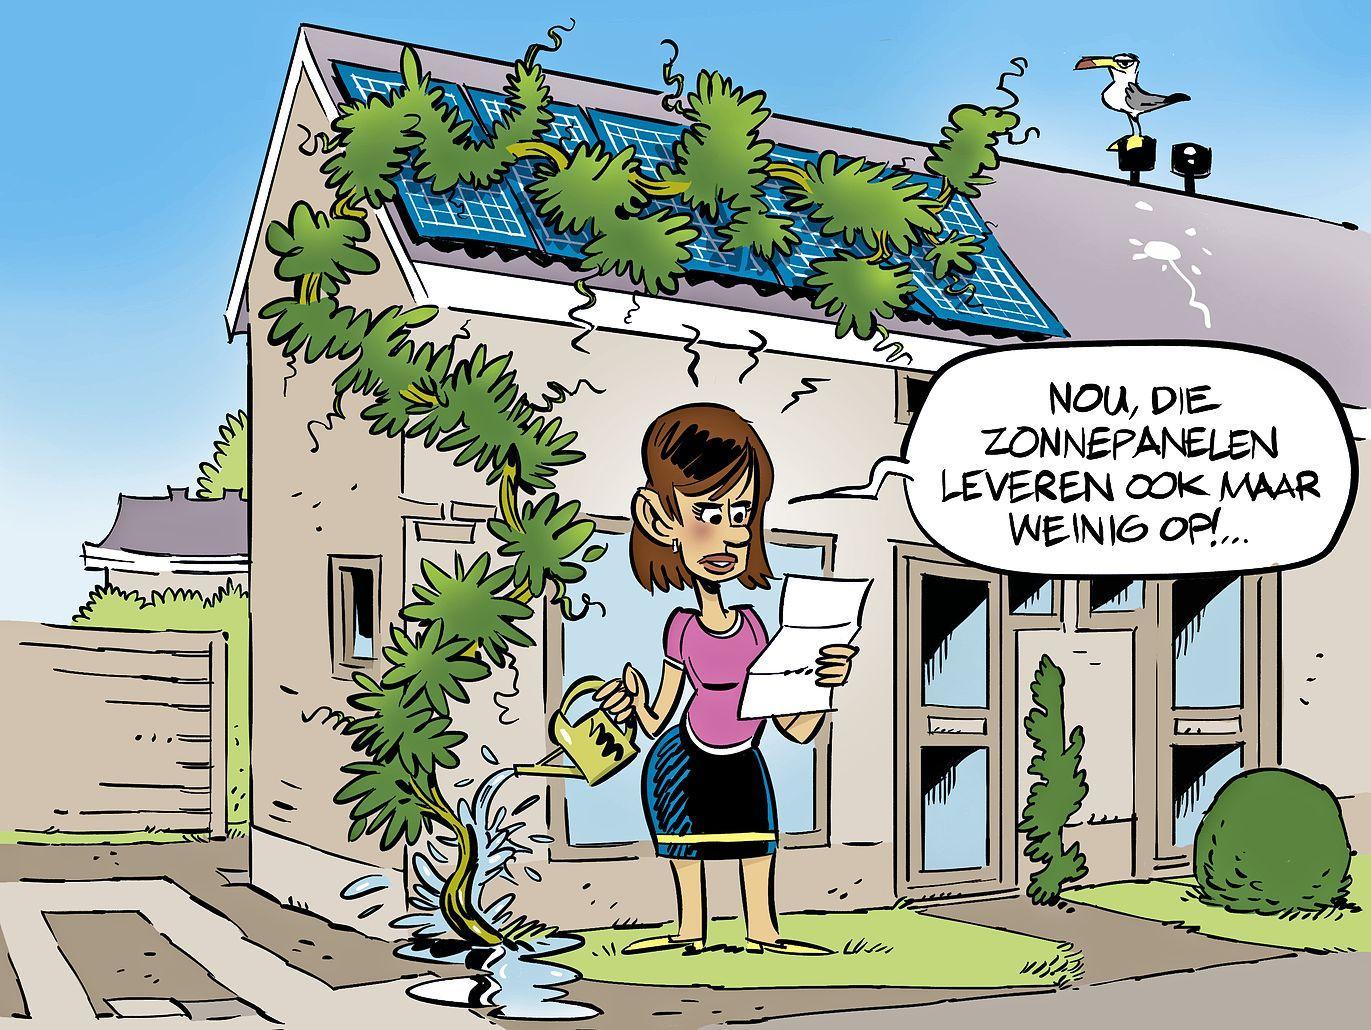 Diaan Kwinkelenberg betaalt meer huur door haar nieuwe zonnepanelen, maar de energierekening stijgt alleen maar: klopt dat wel?